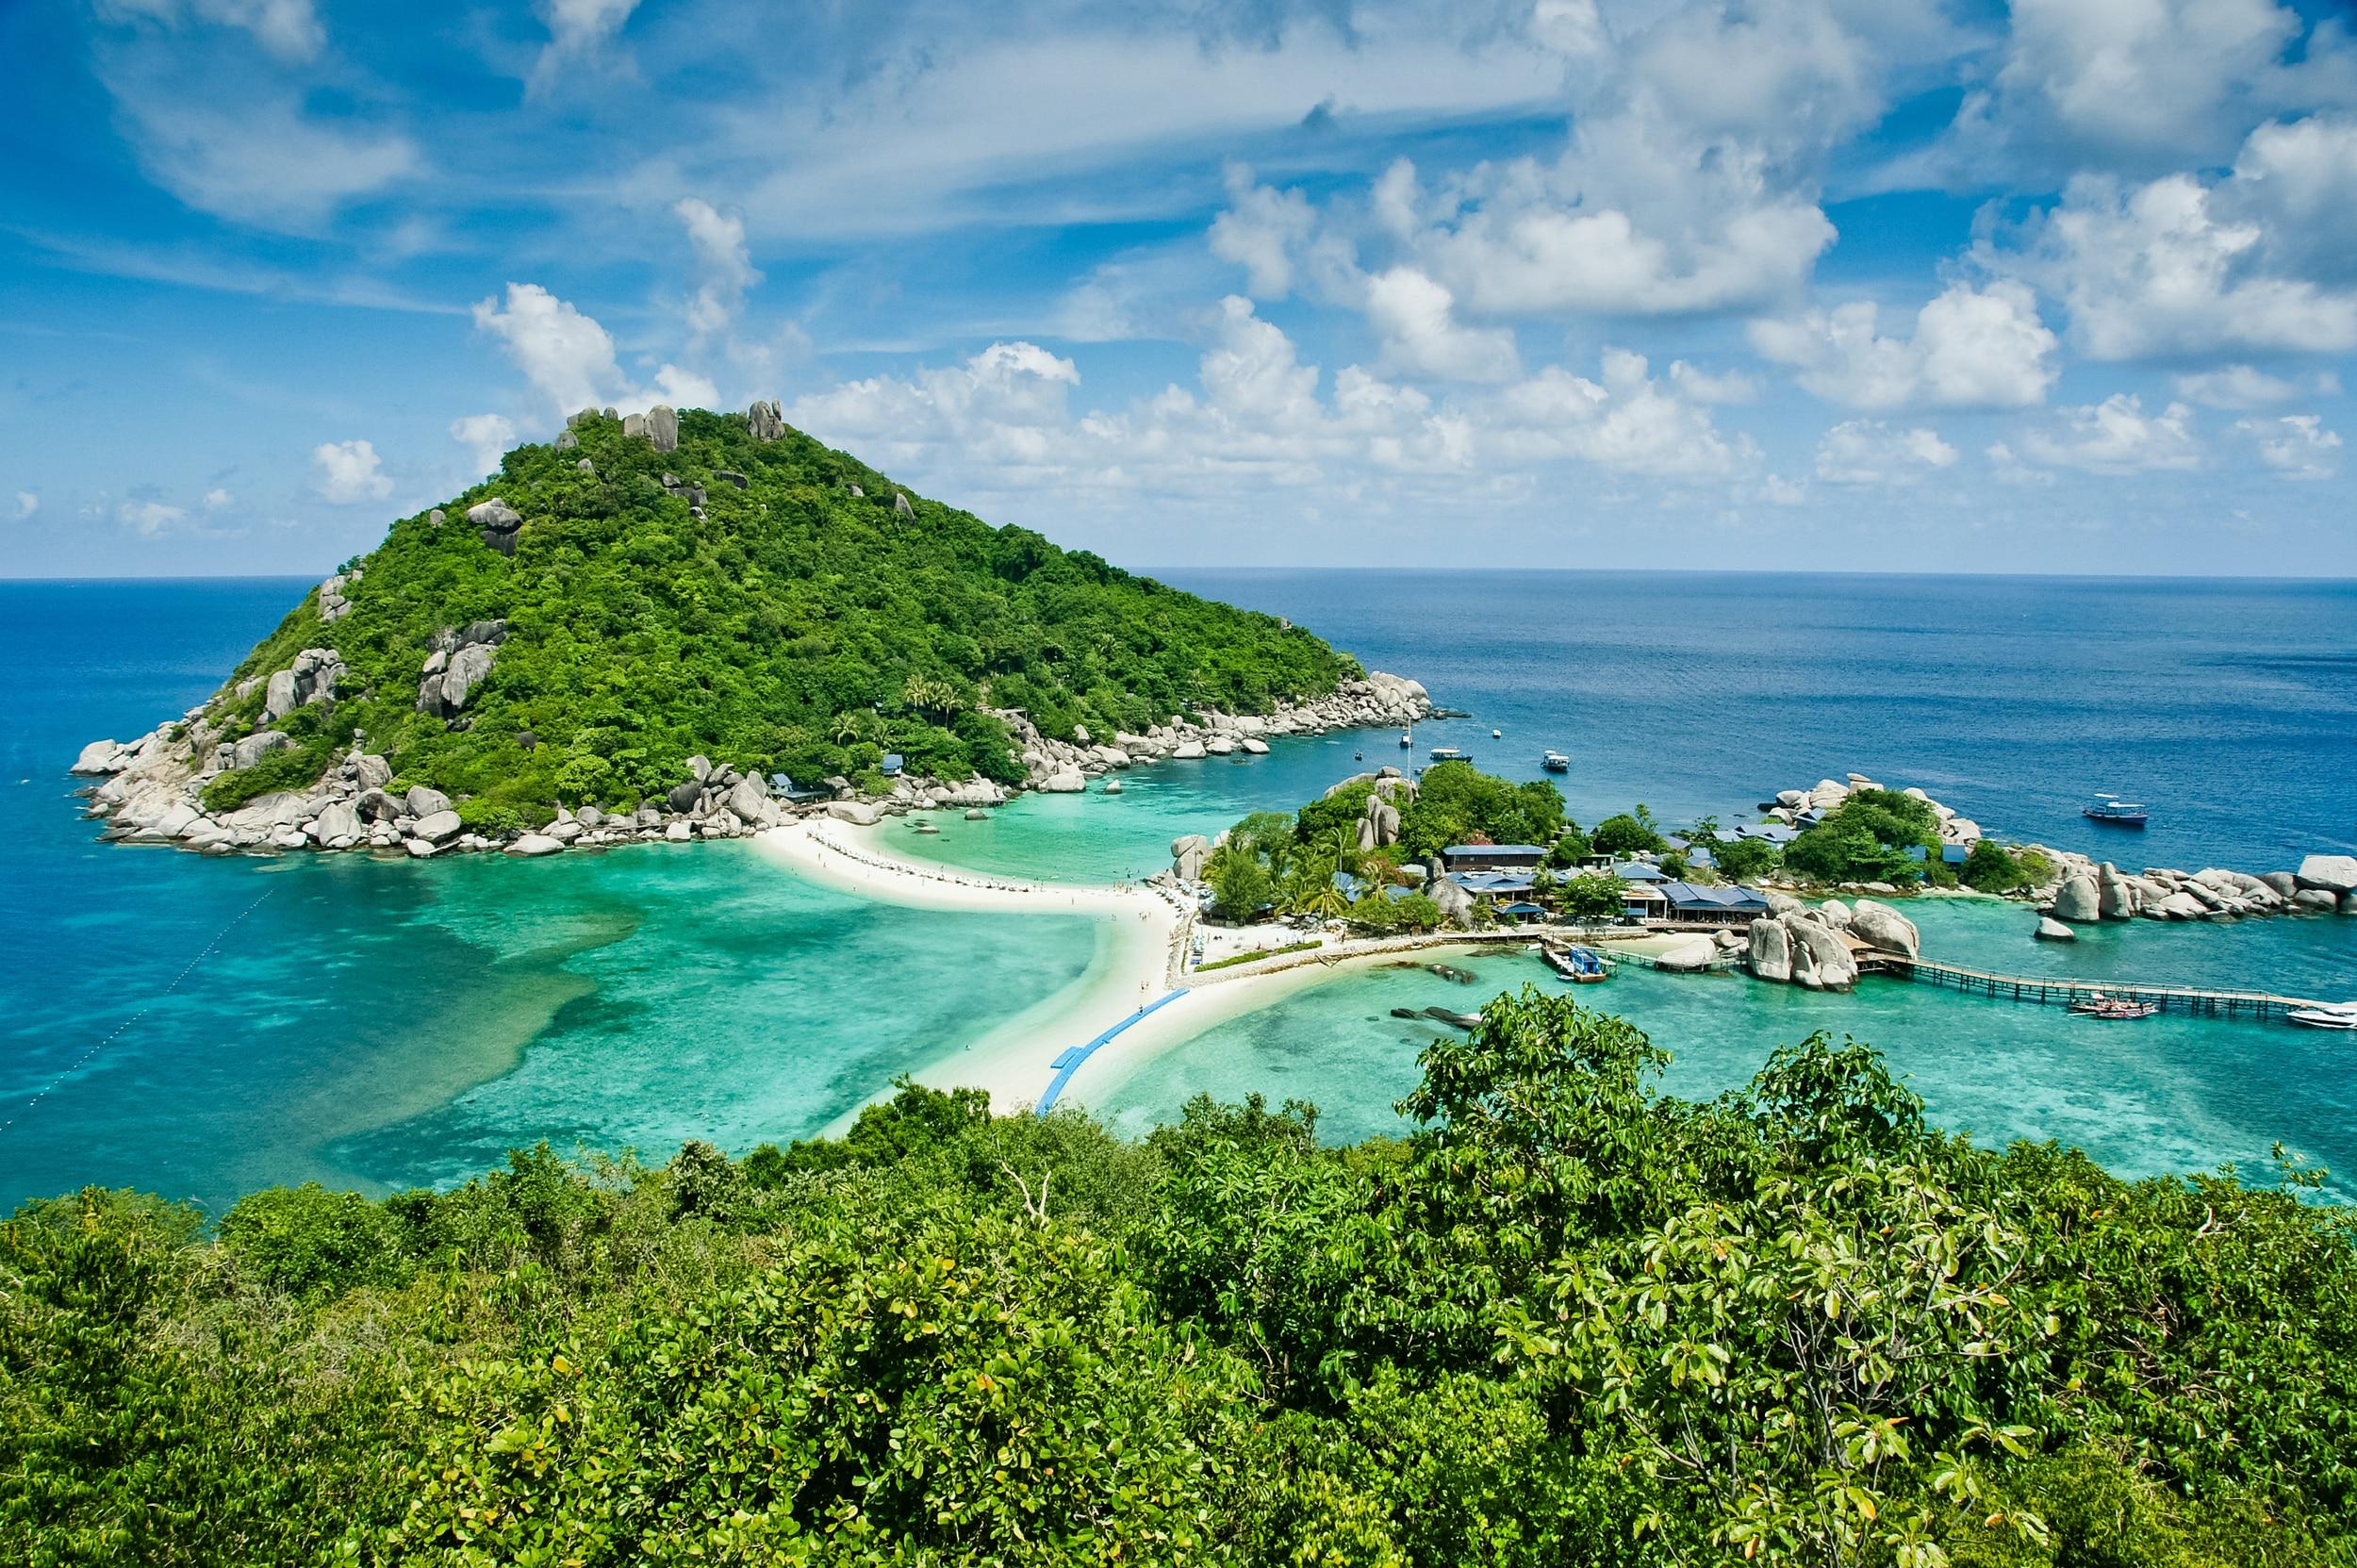 ¿Sabes donde se encuentra esta isla? Una pista, está cerca de Koh Tao.